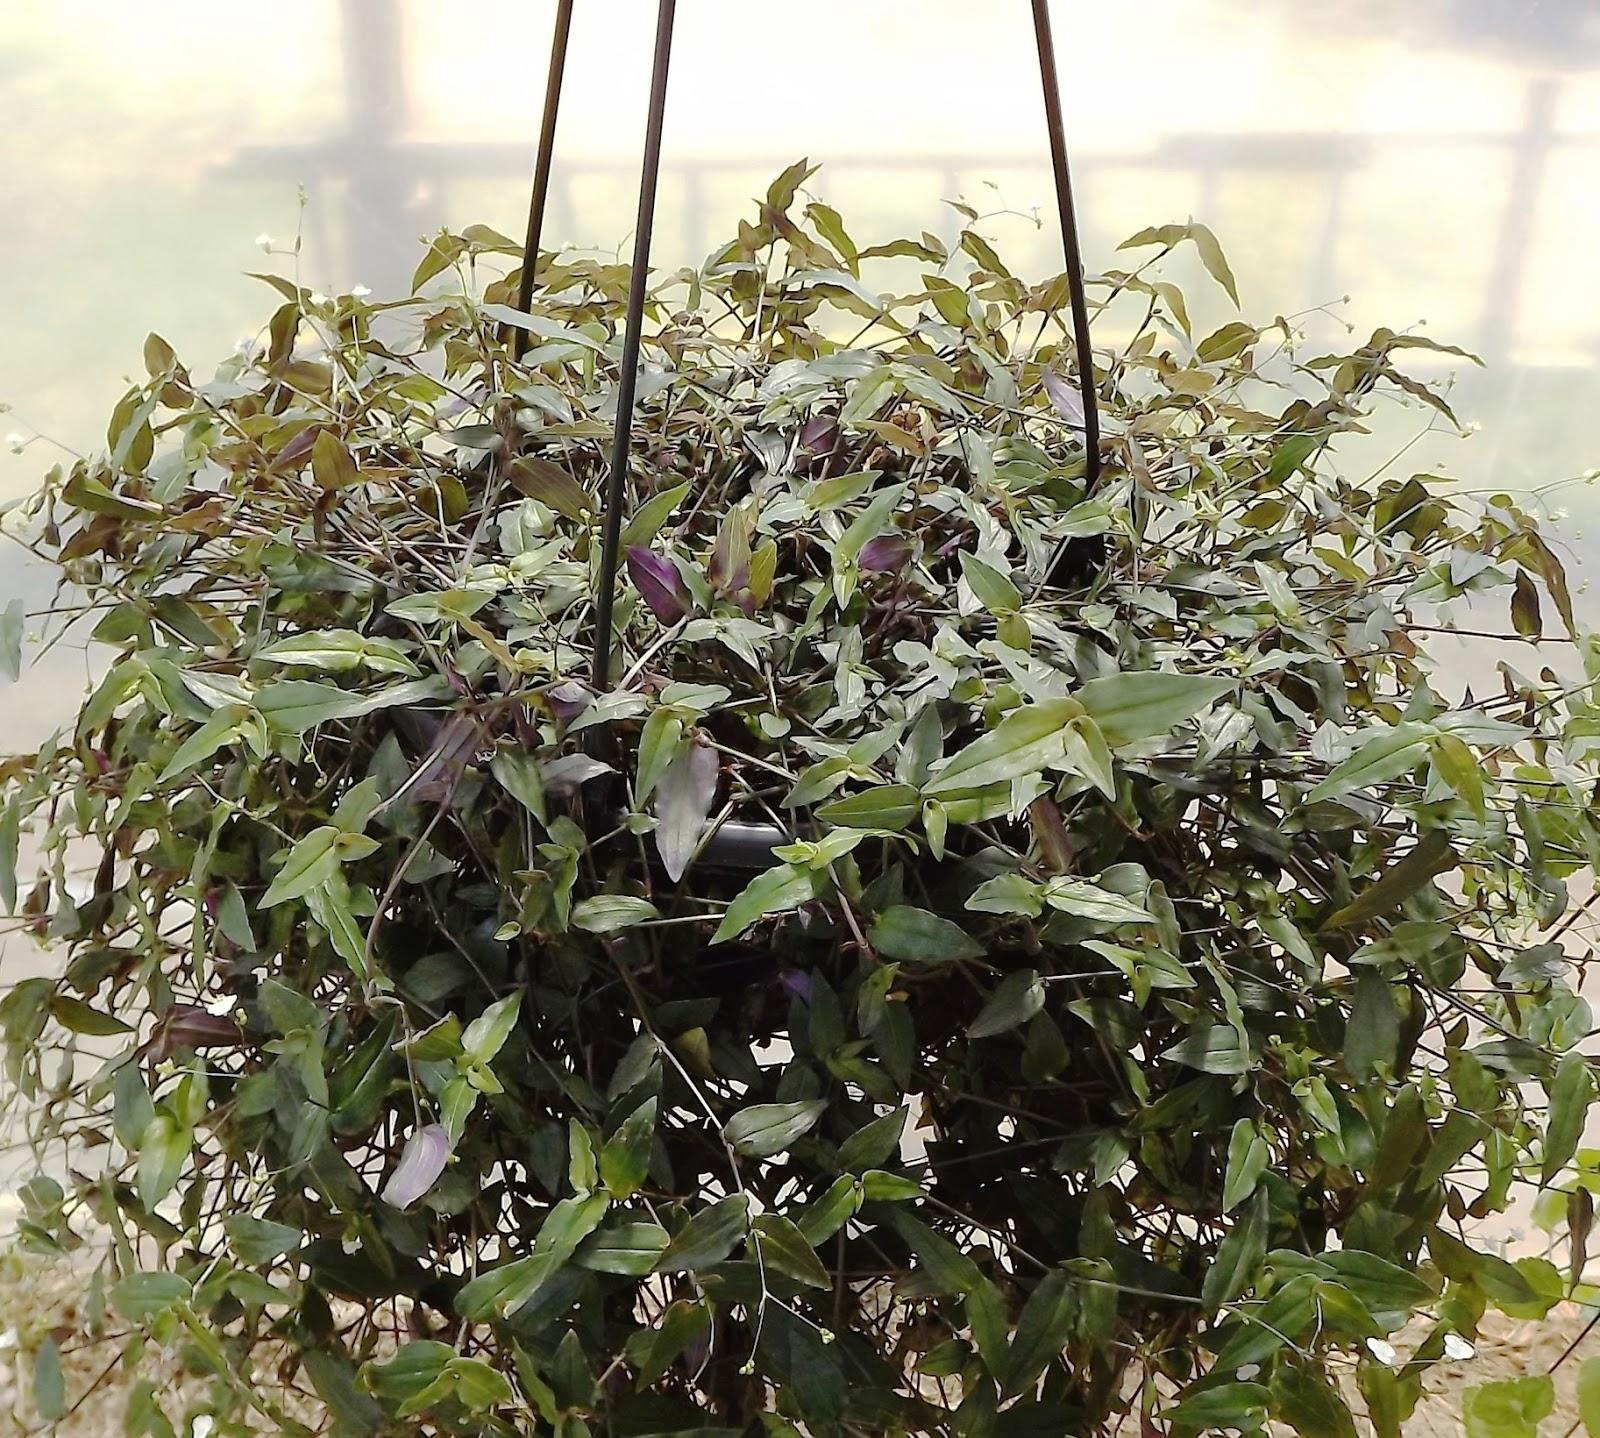 Favoritos Flora Monte Claro: O milagre da multiplicação botânica: Véu de noiva KK16